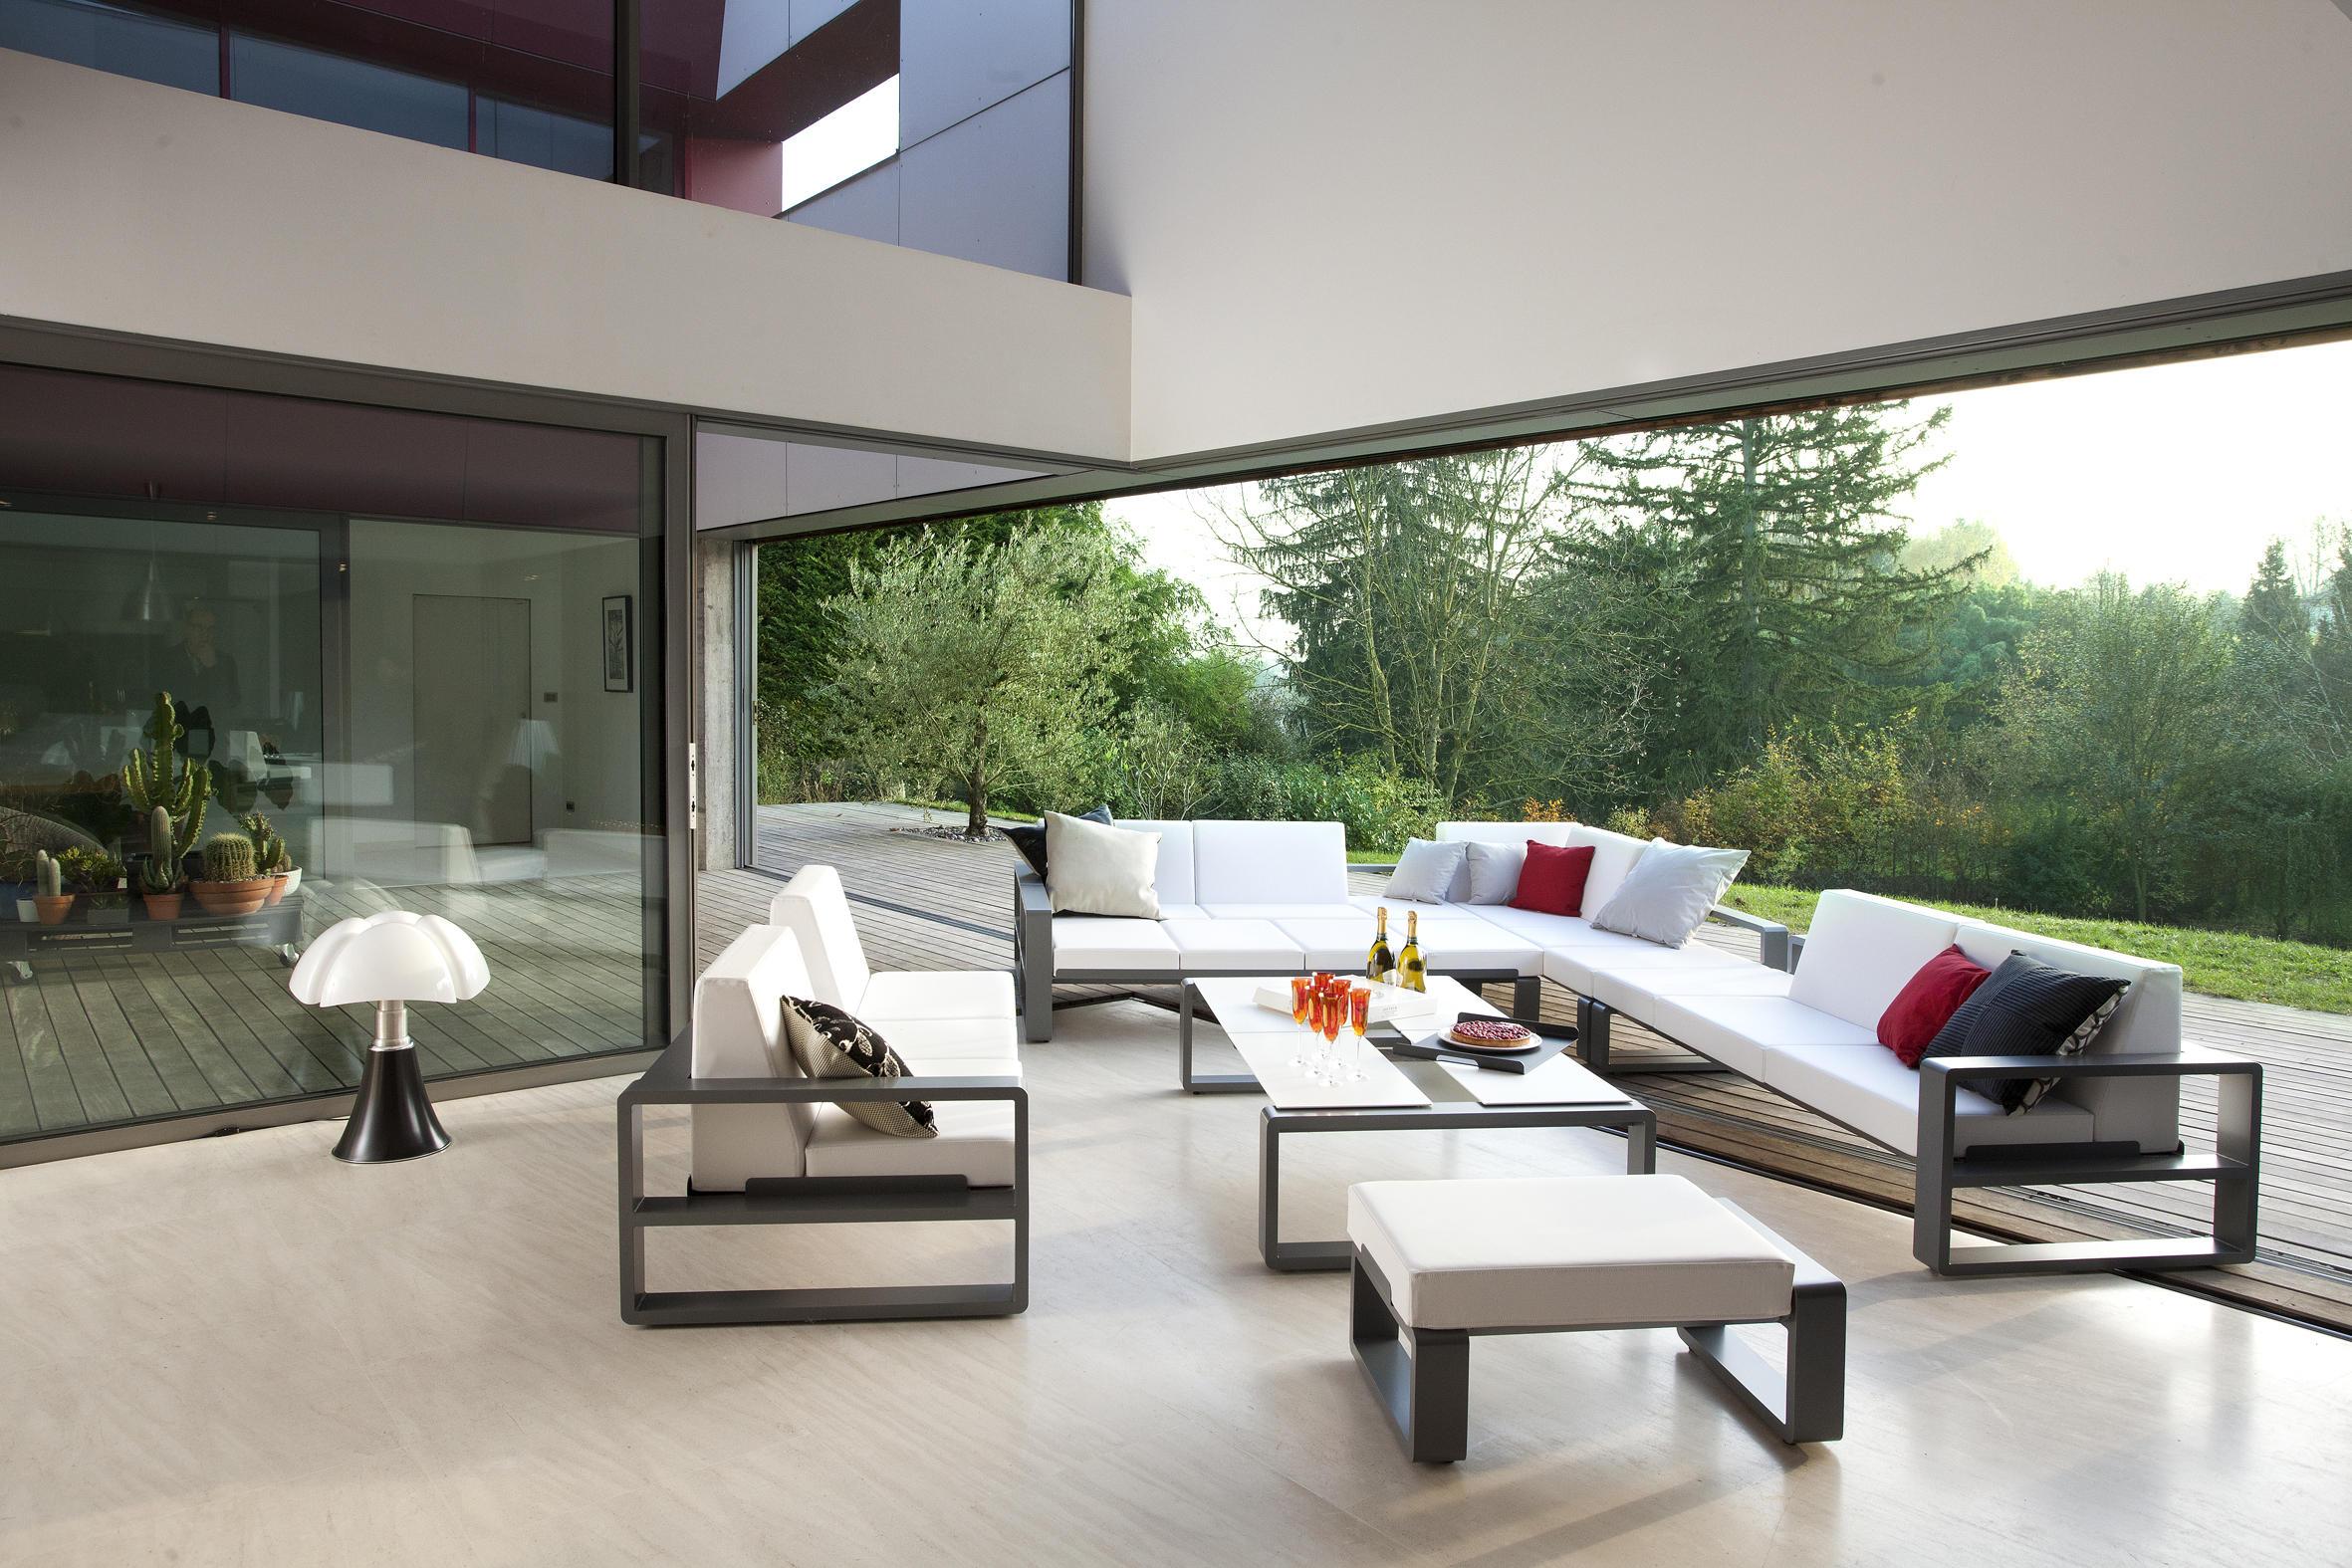 Ego paris meubles design d ext 233 rieur ego paris mobilier de - Ambientebilder Kama Club Armchair Von Ego Paris